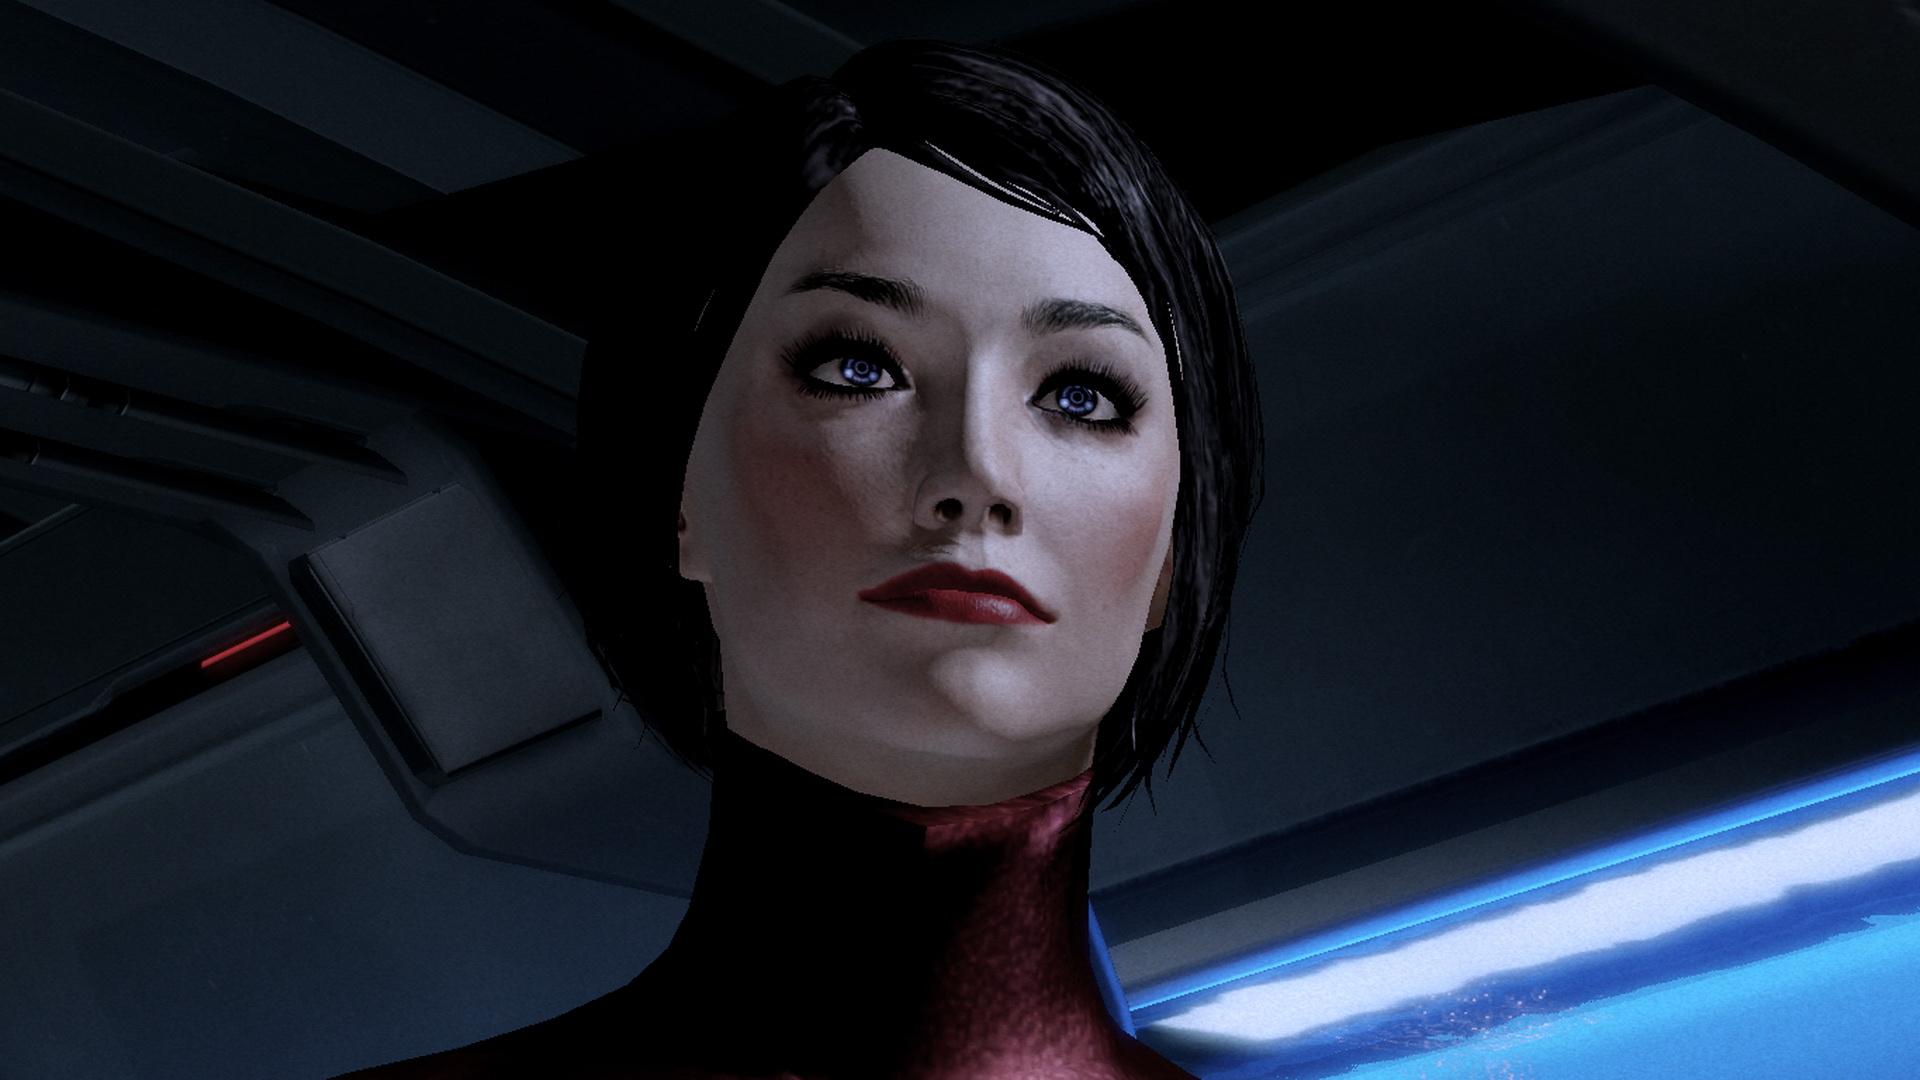 Highres_Screenshot_00000t.jpg - Mass Effect 2 game girls